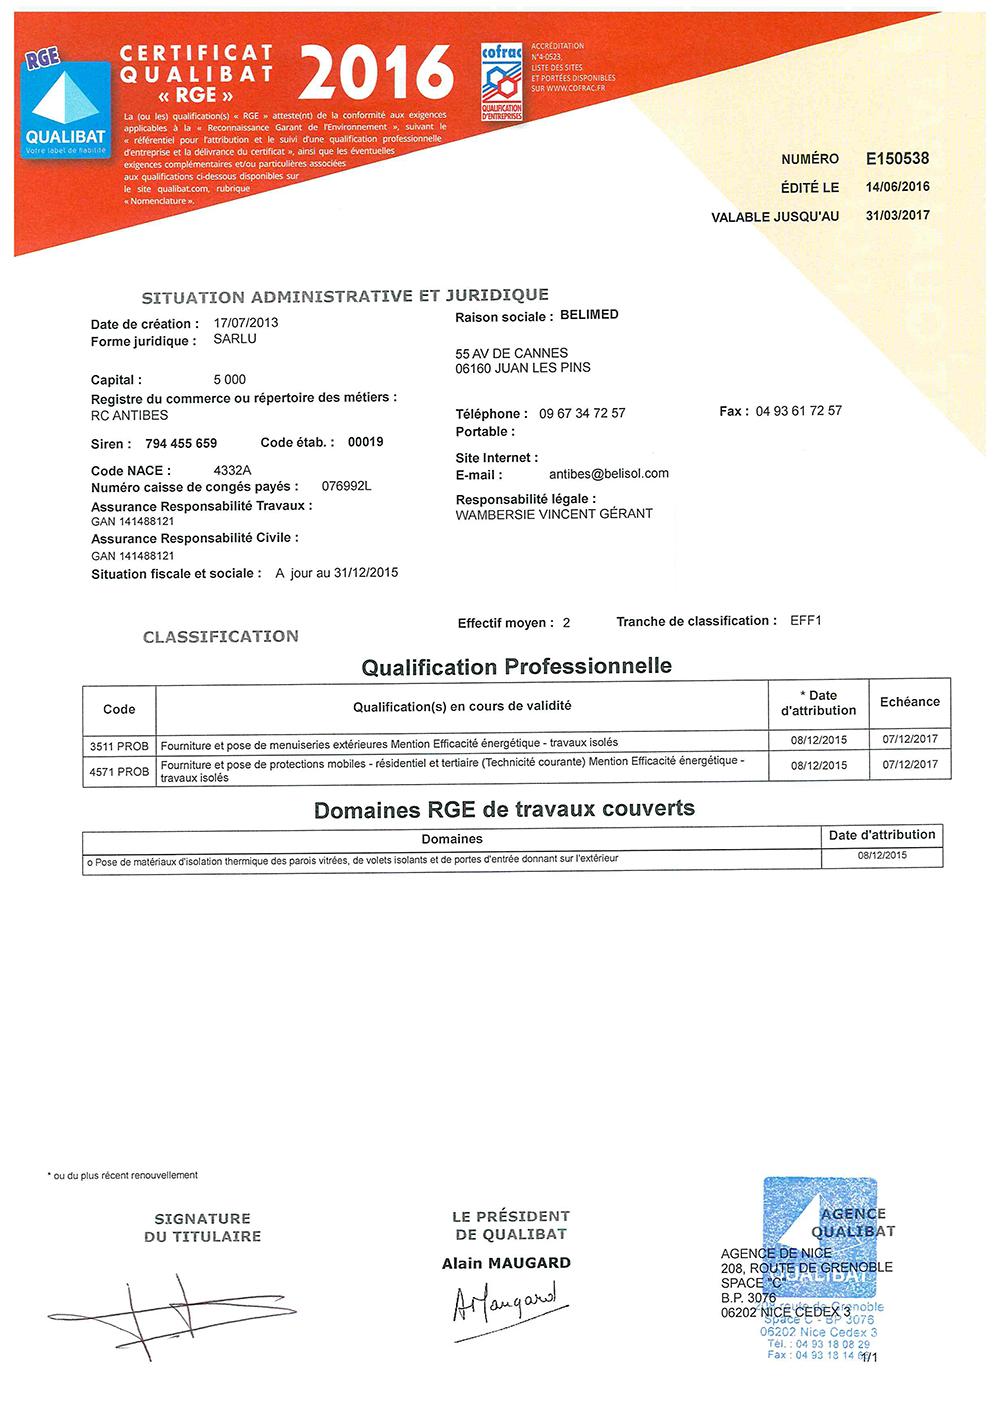 Certificat_qualibat_31_03_17_2